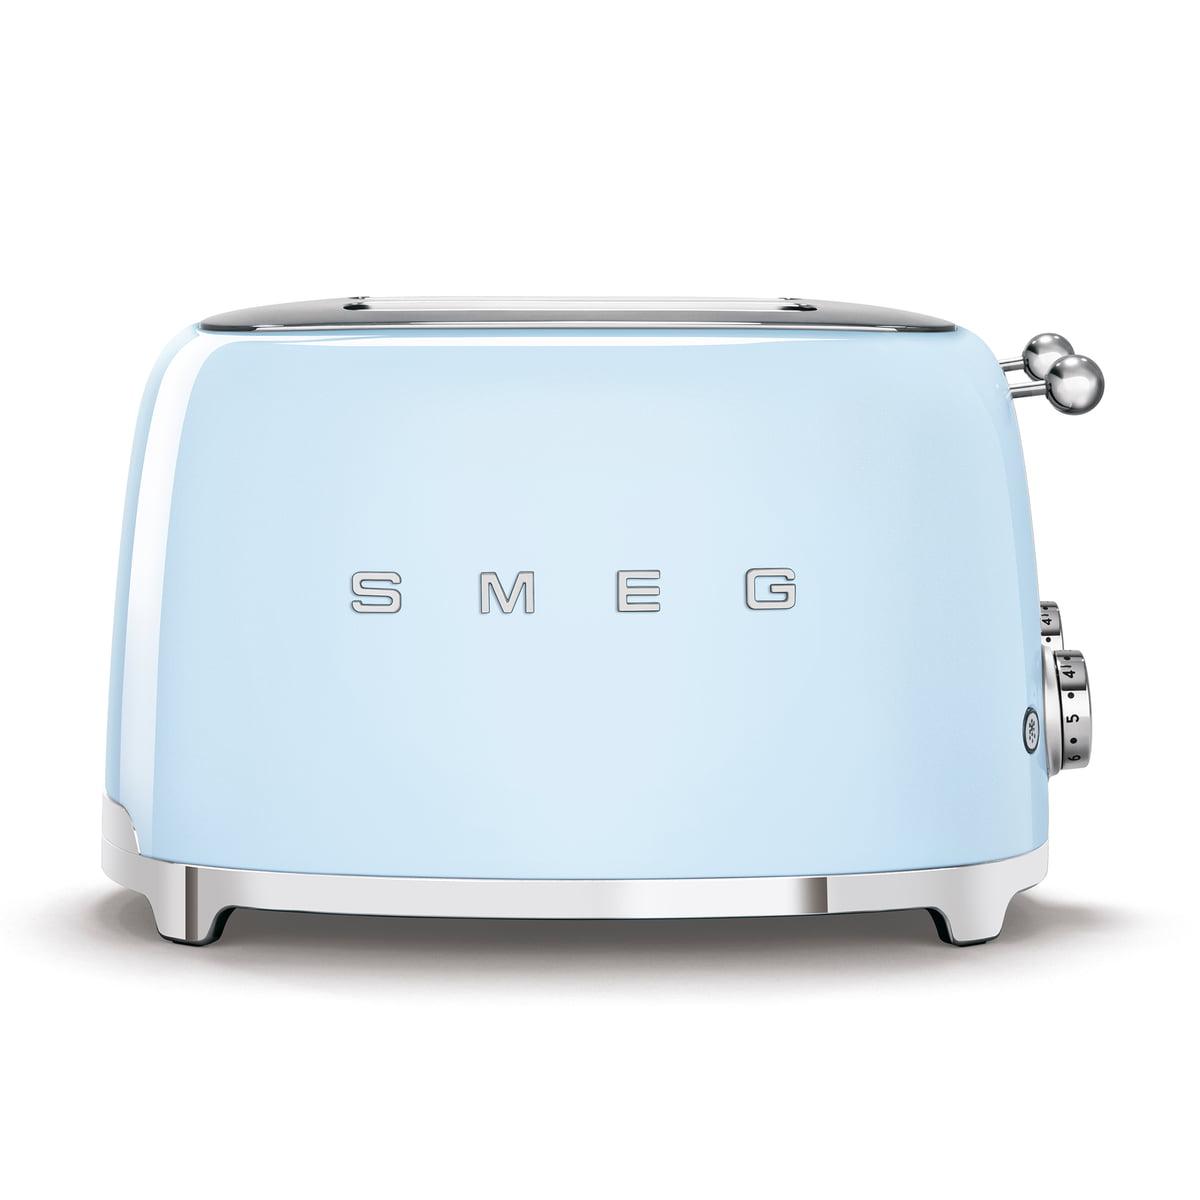 Smeg - 4-Scheiben Toaster TSF03, pastellblau | Küche und Esszimmer > Küchengeräte | Pastellblau | Kugelgriff aus edelstahl -  gehäuse aus lackiertem edelstahl | Smeg